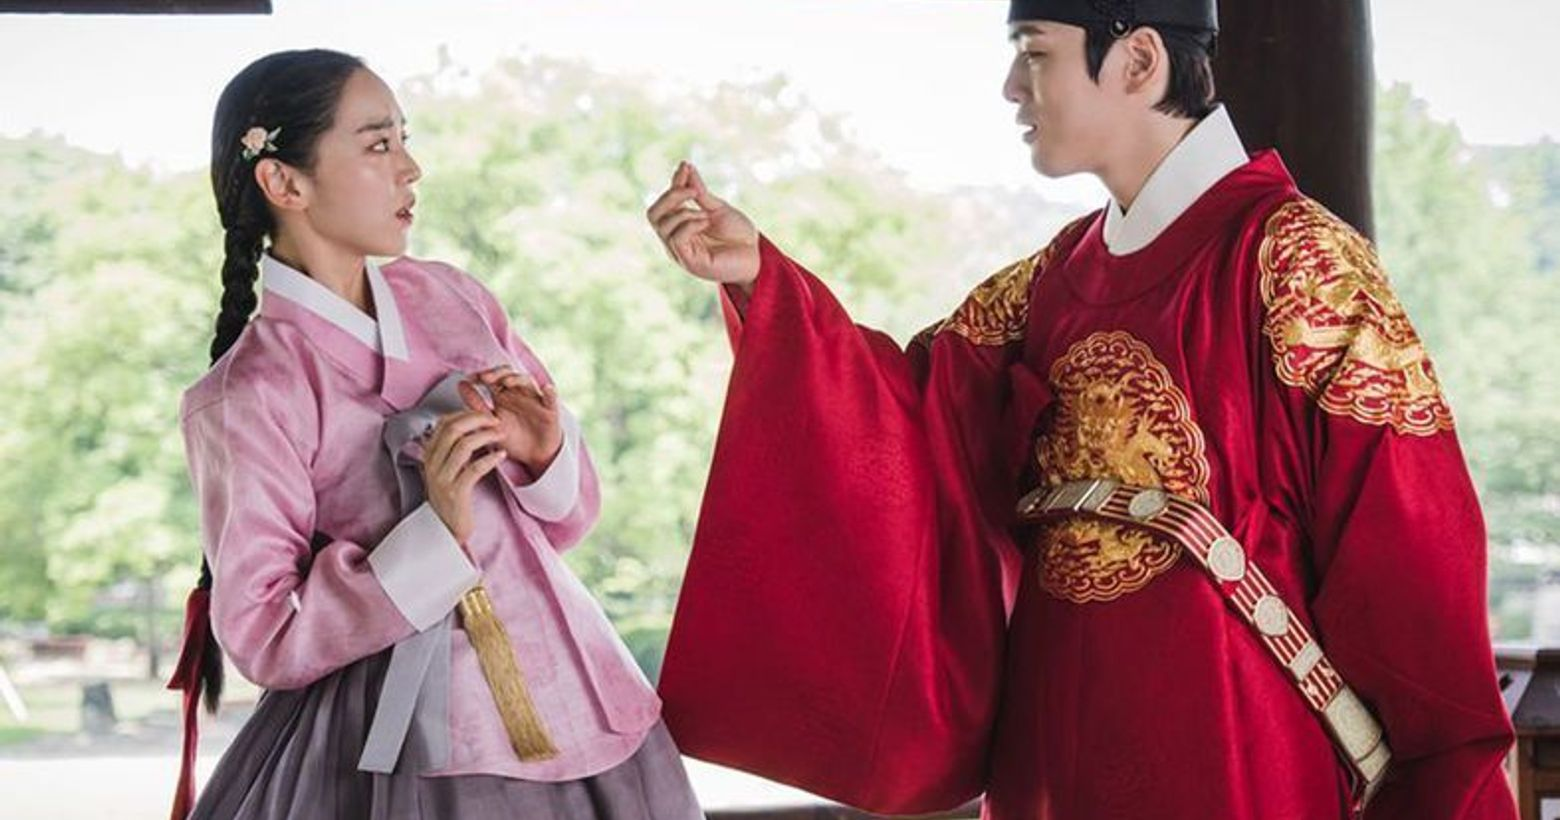 【韓劇心得】無論你是什麼樣貌,我都會愛上你──《哲仁王后》哲仁王后是我看過最歡樂、最舒壓,帶給我很多